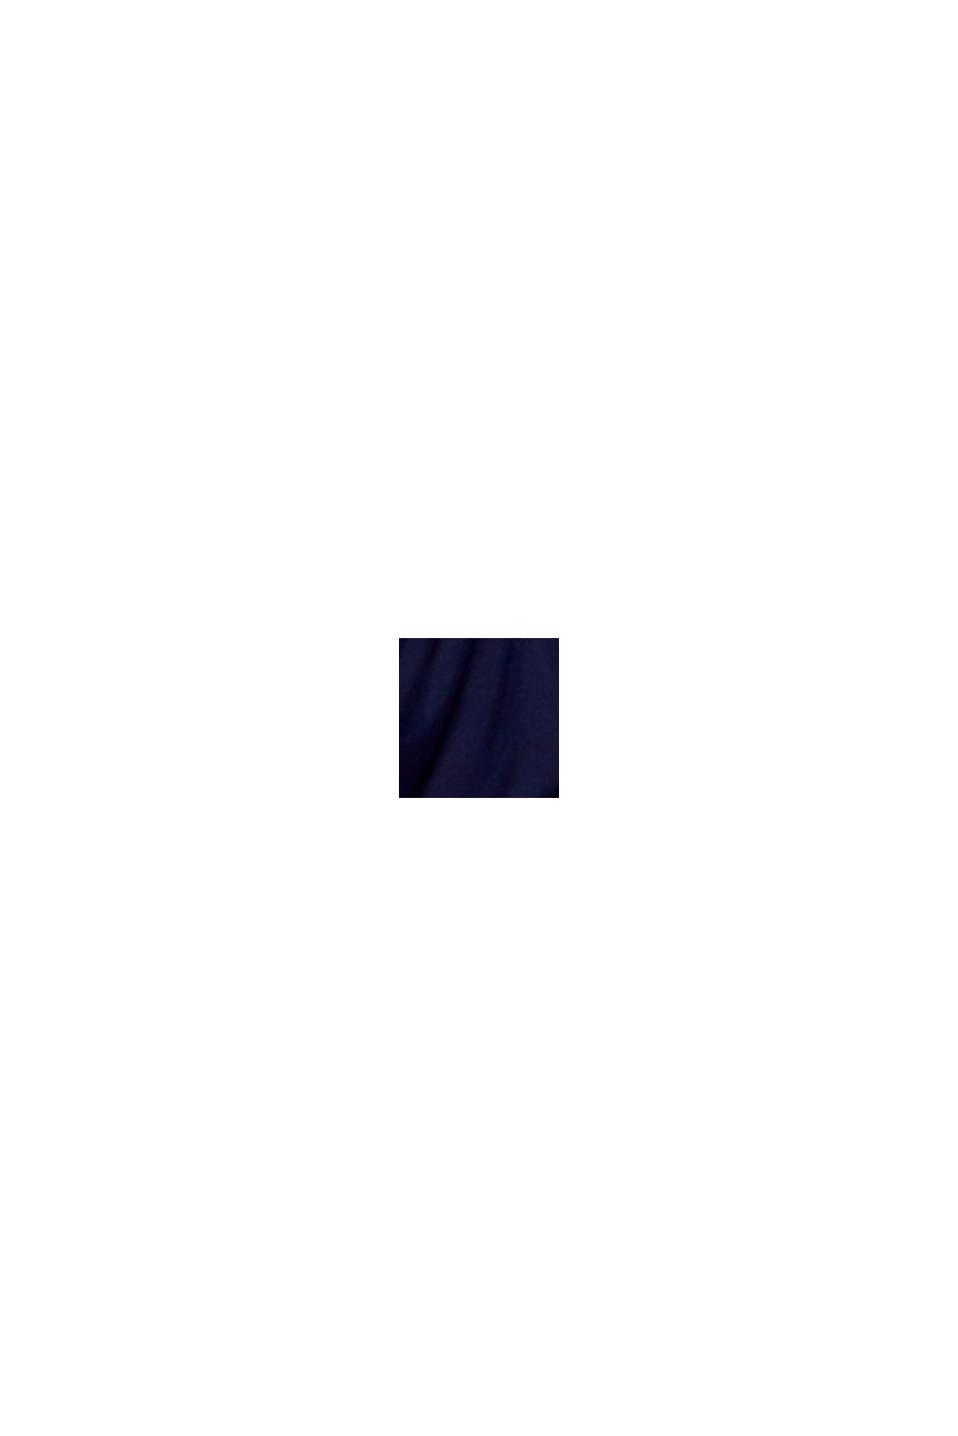 Sujetador de aros sin relleno con encaje, NAVY, swatch